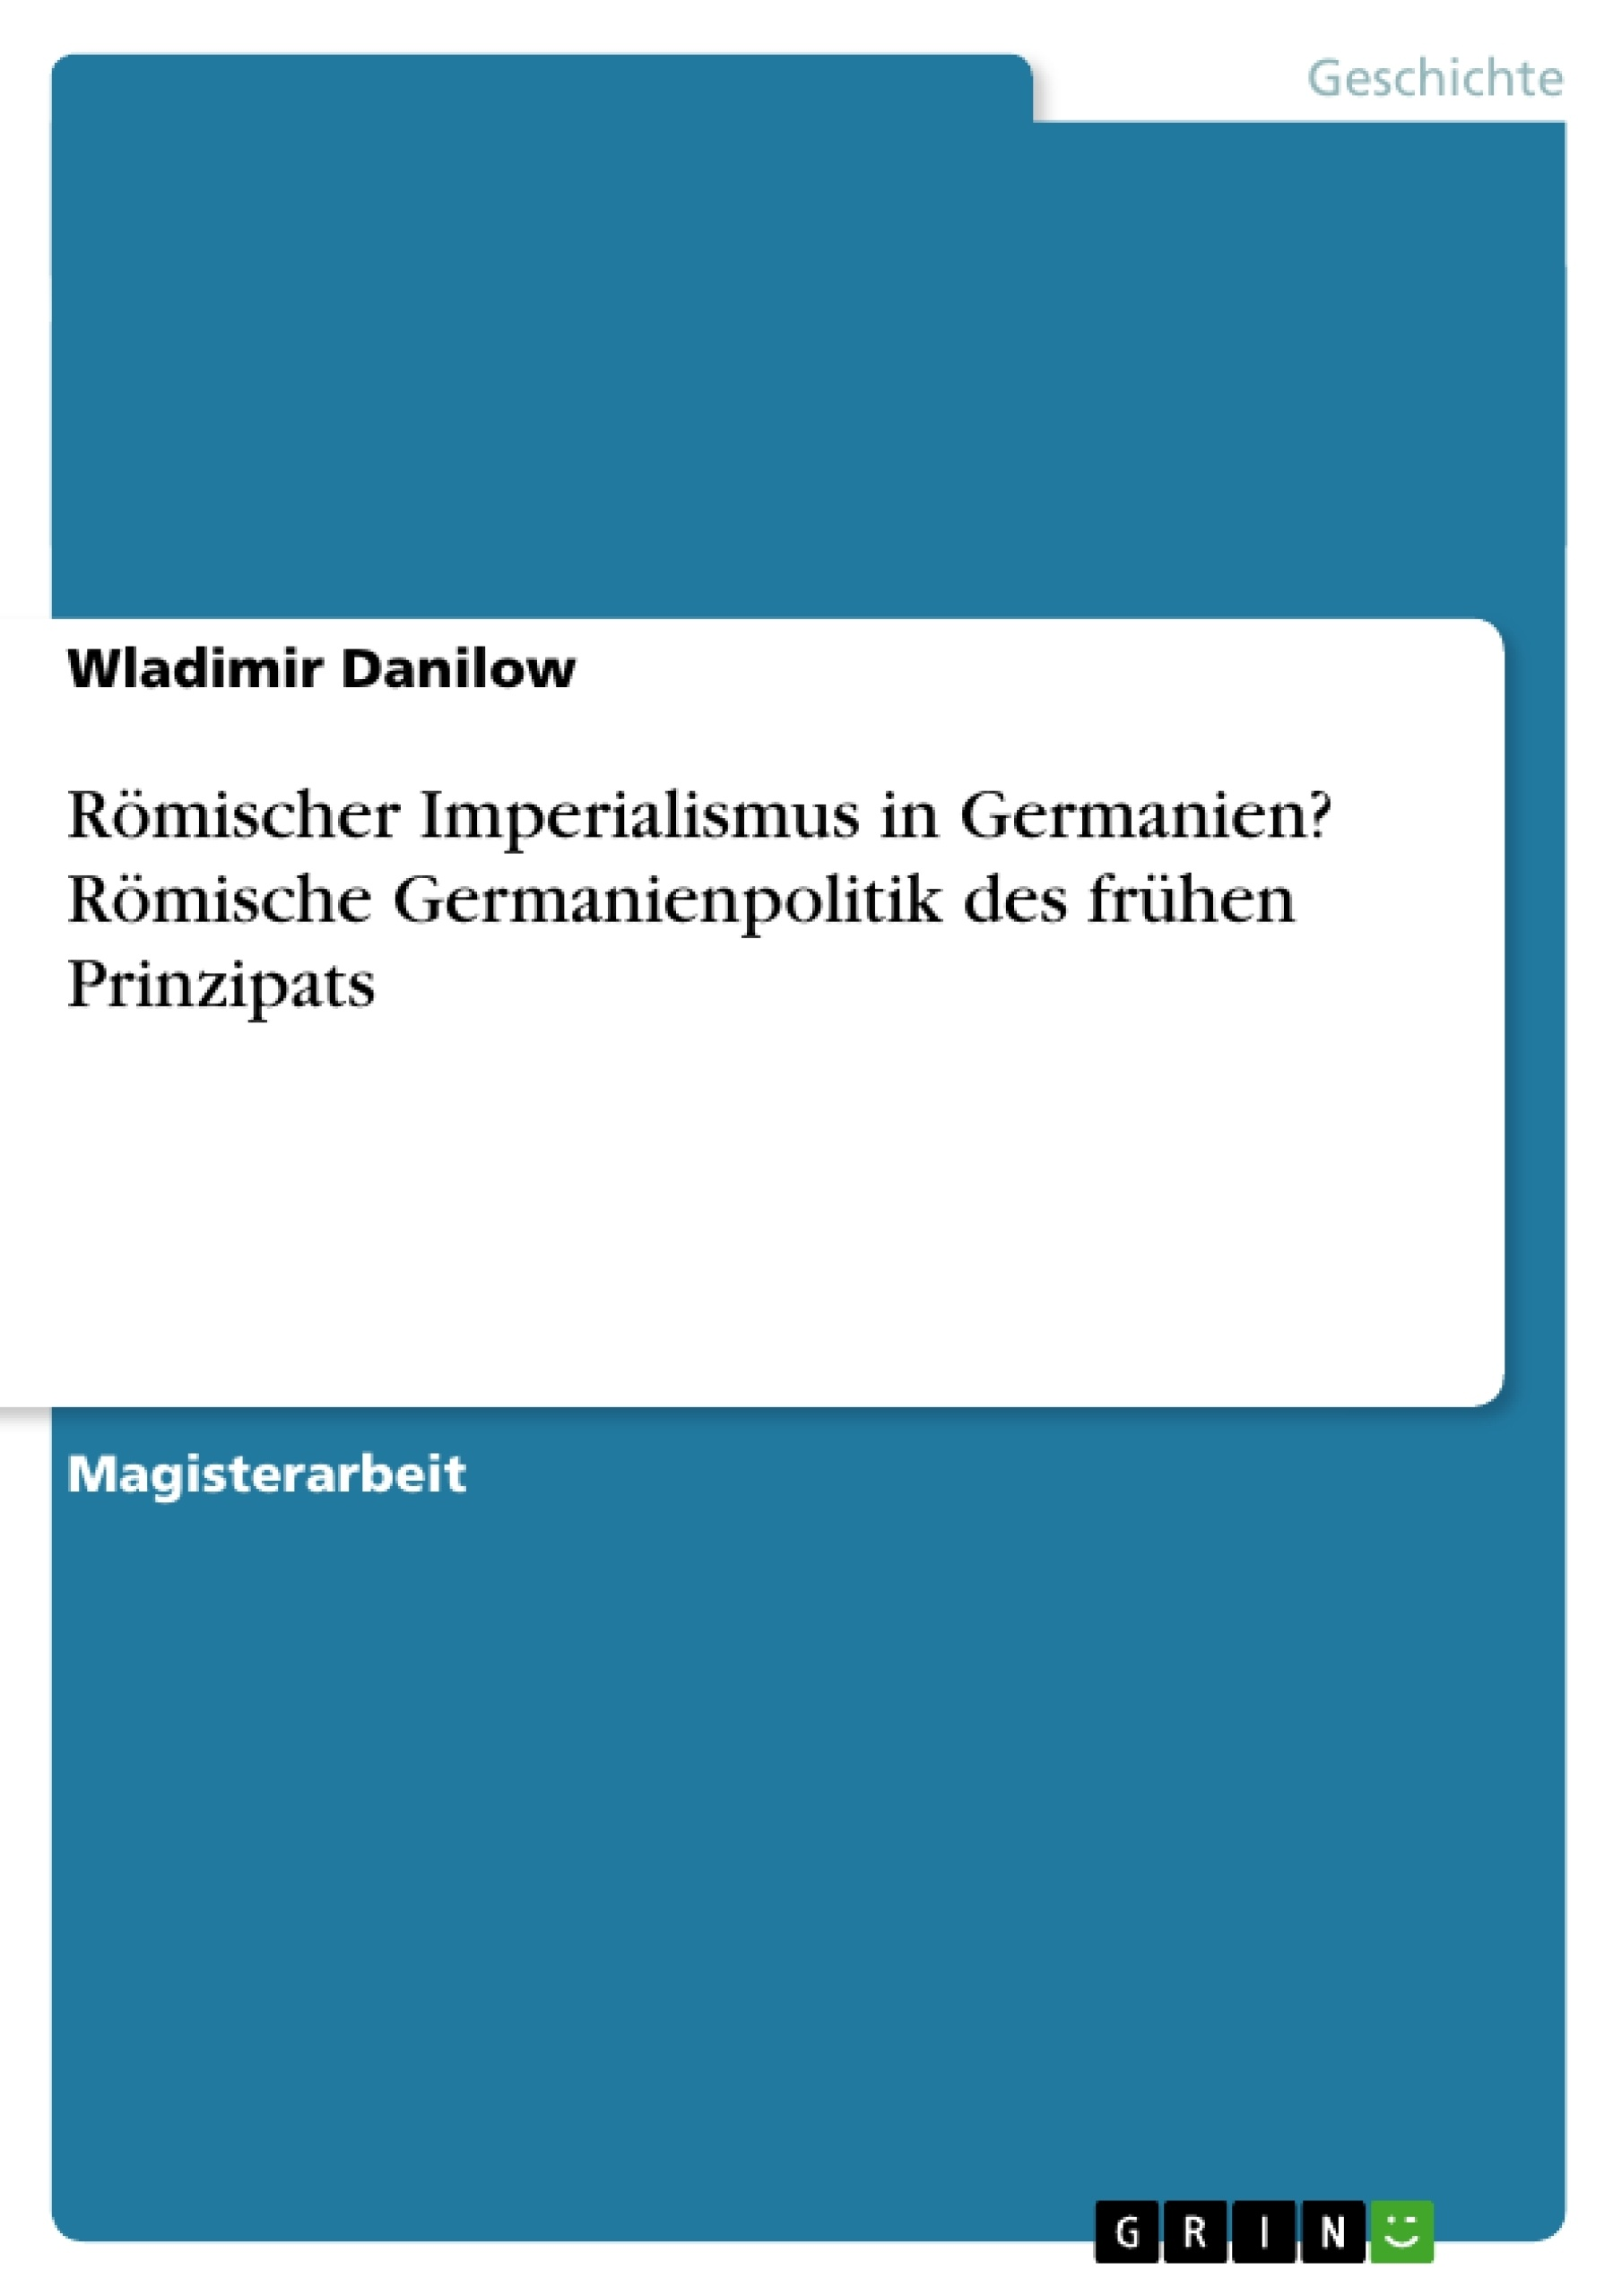 Titel: Römischer Imperialismus in Germanien? Römische Germanienpolitik des frühen Prinzipats